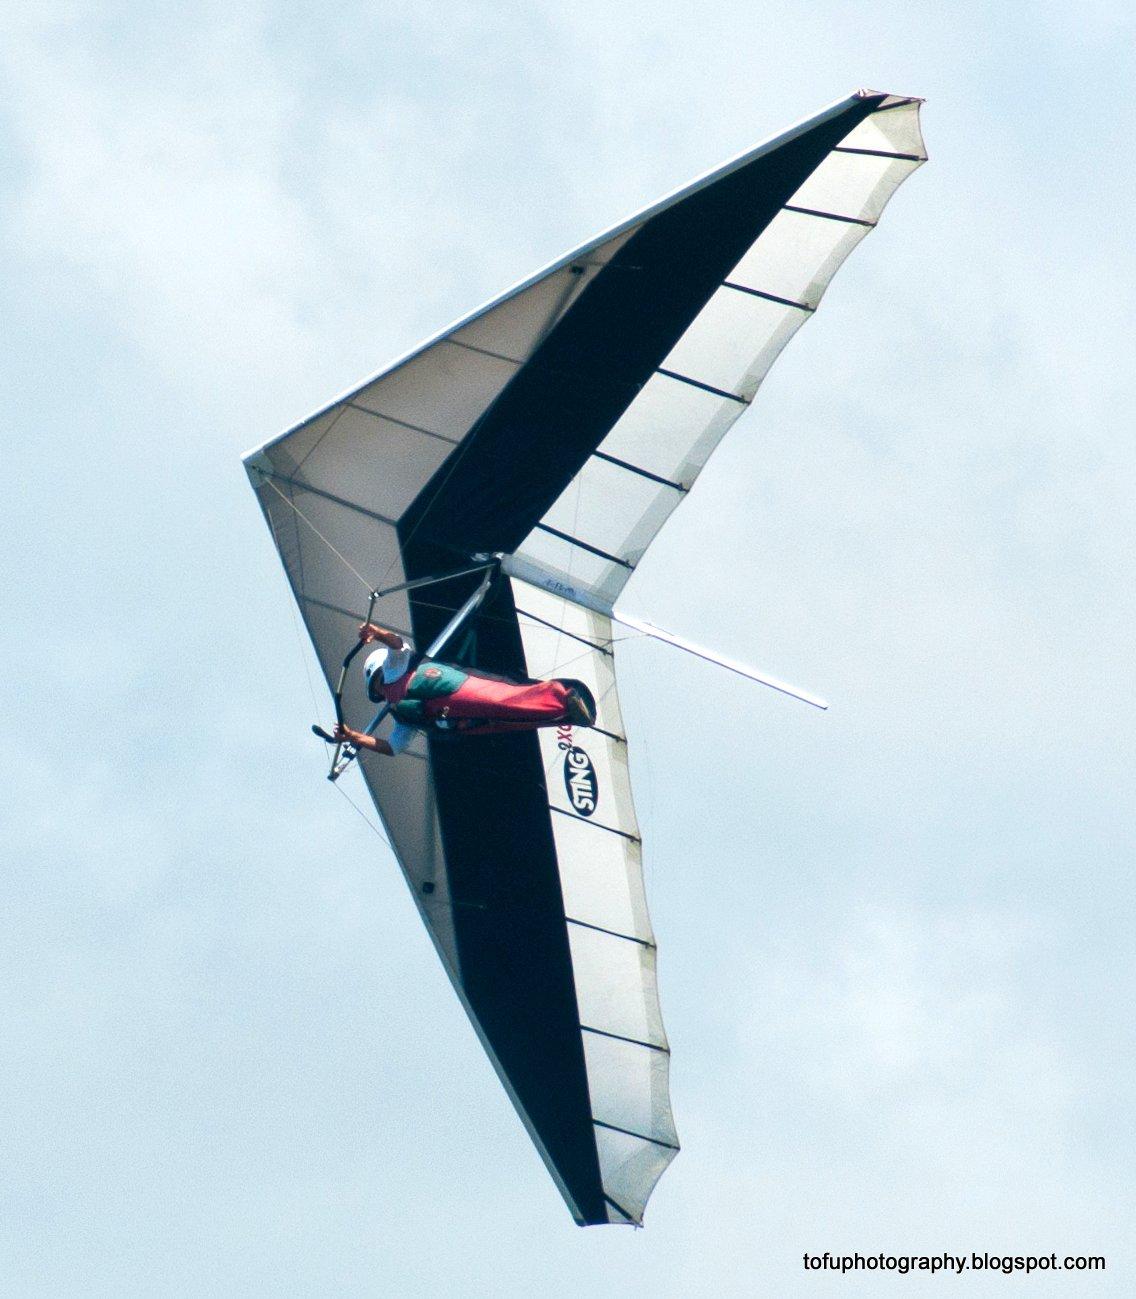 Tofu Photography: Hang Gliding At Byron Bay, Australia